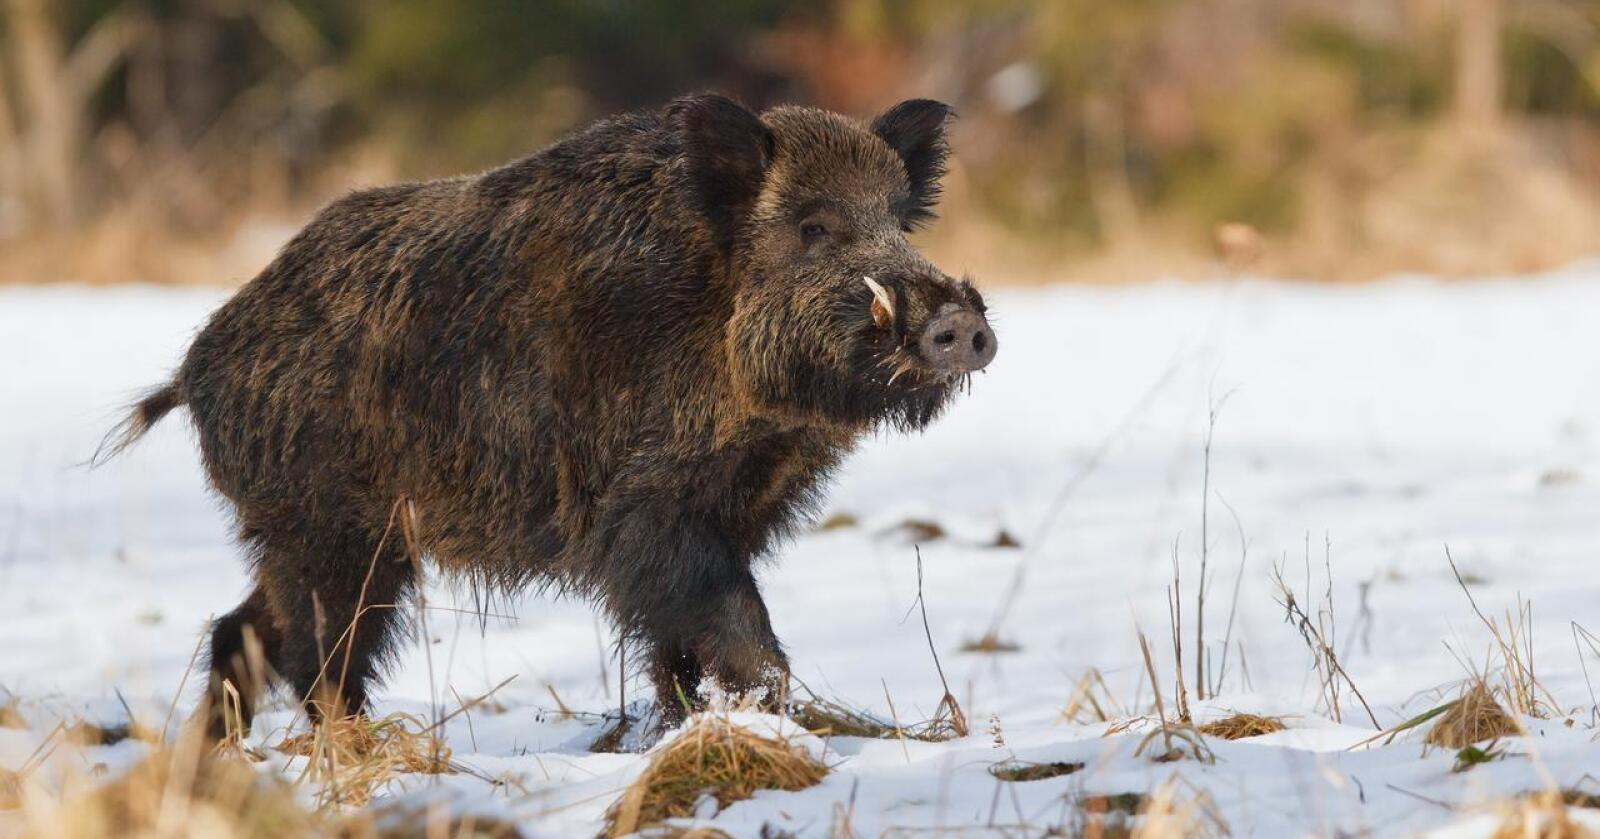 Uønsket: Villsvin er en svartelistet art i Norge. Målet er allikevel ikke å utrydde bestanden her til lands, men at det skal være færrest mulig villsvin fordelt på et minst mulig område. Grunneierbasert bestandskontroll ansees å bli noe av en nøkkel. (Foto: Shutterstock)